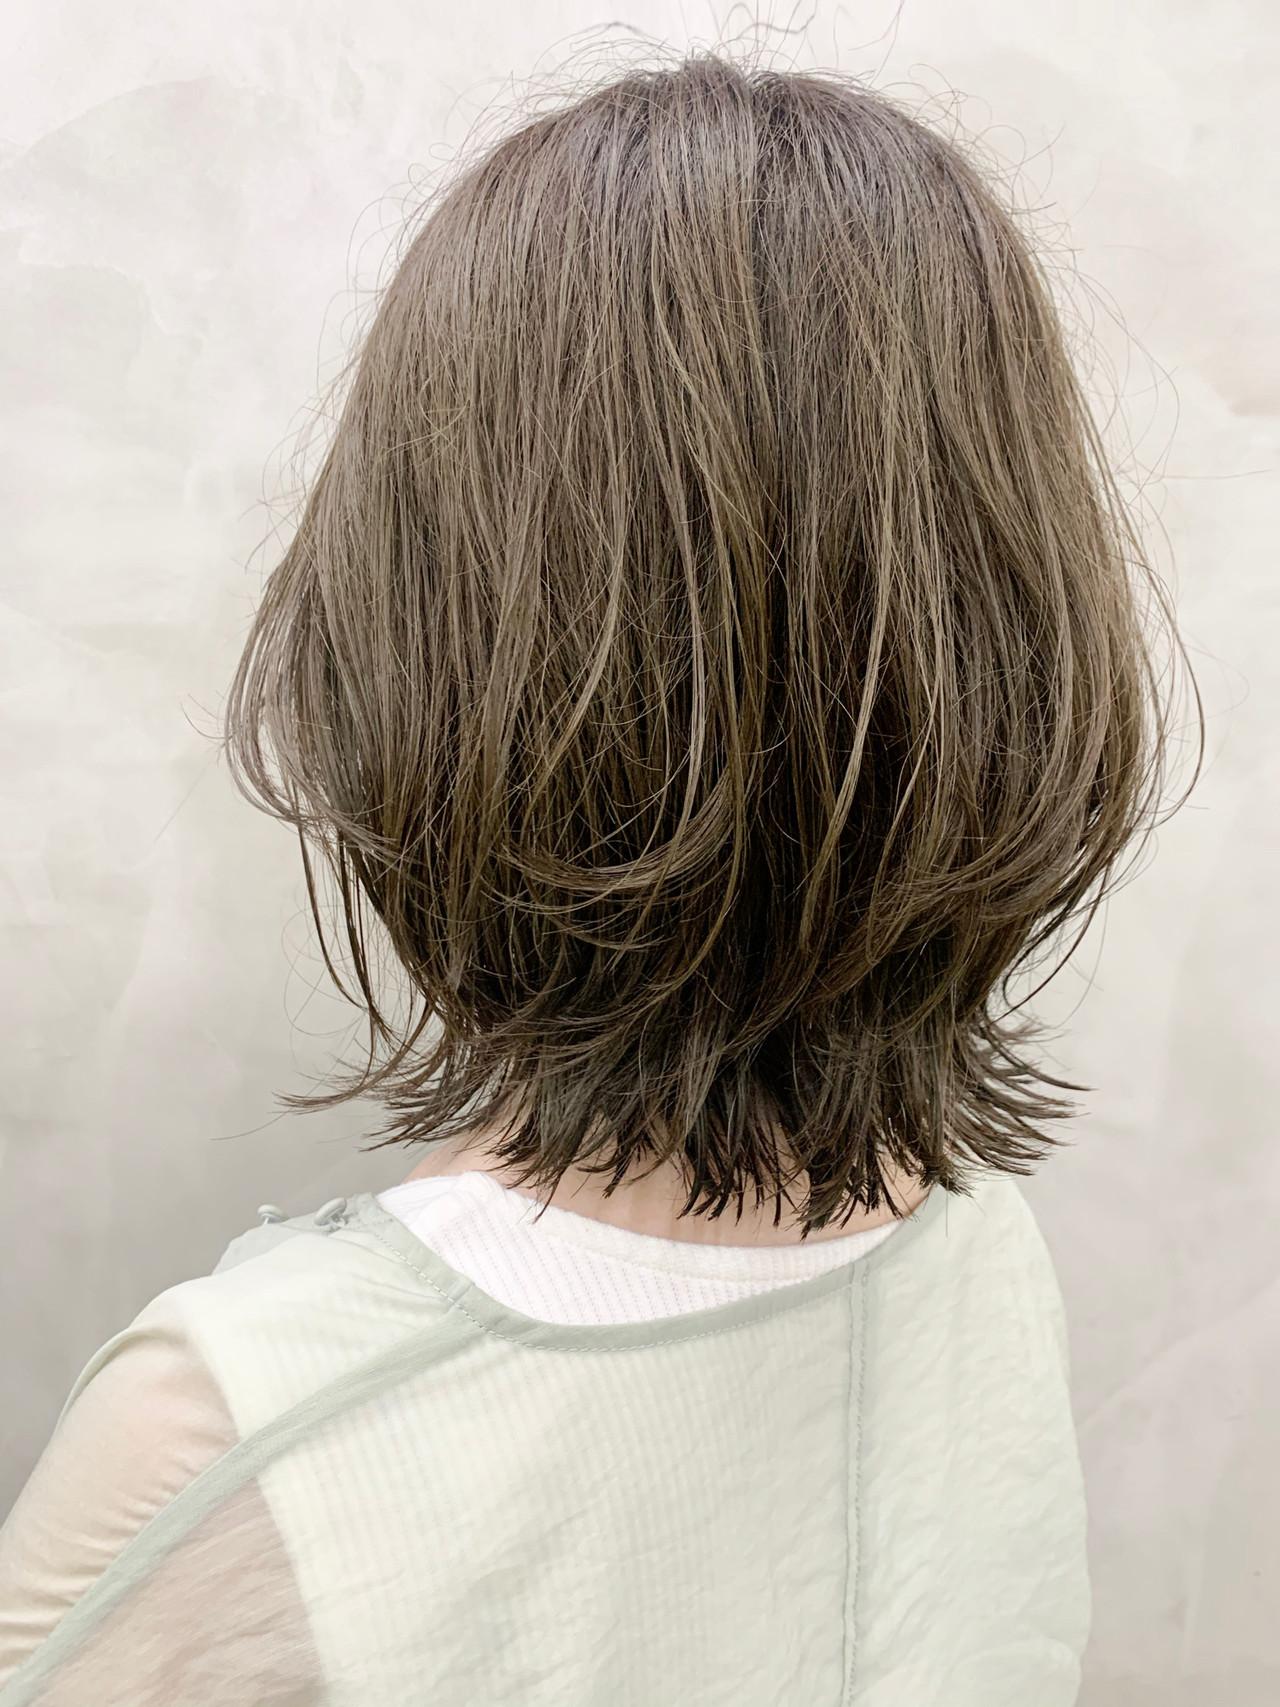 オリーブカラー イルミナカラー レイヤーボブ オリーブベージュ ヘアスタイルや髪型の写真・画像